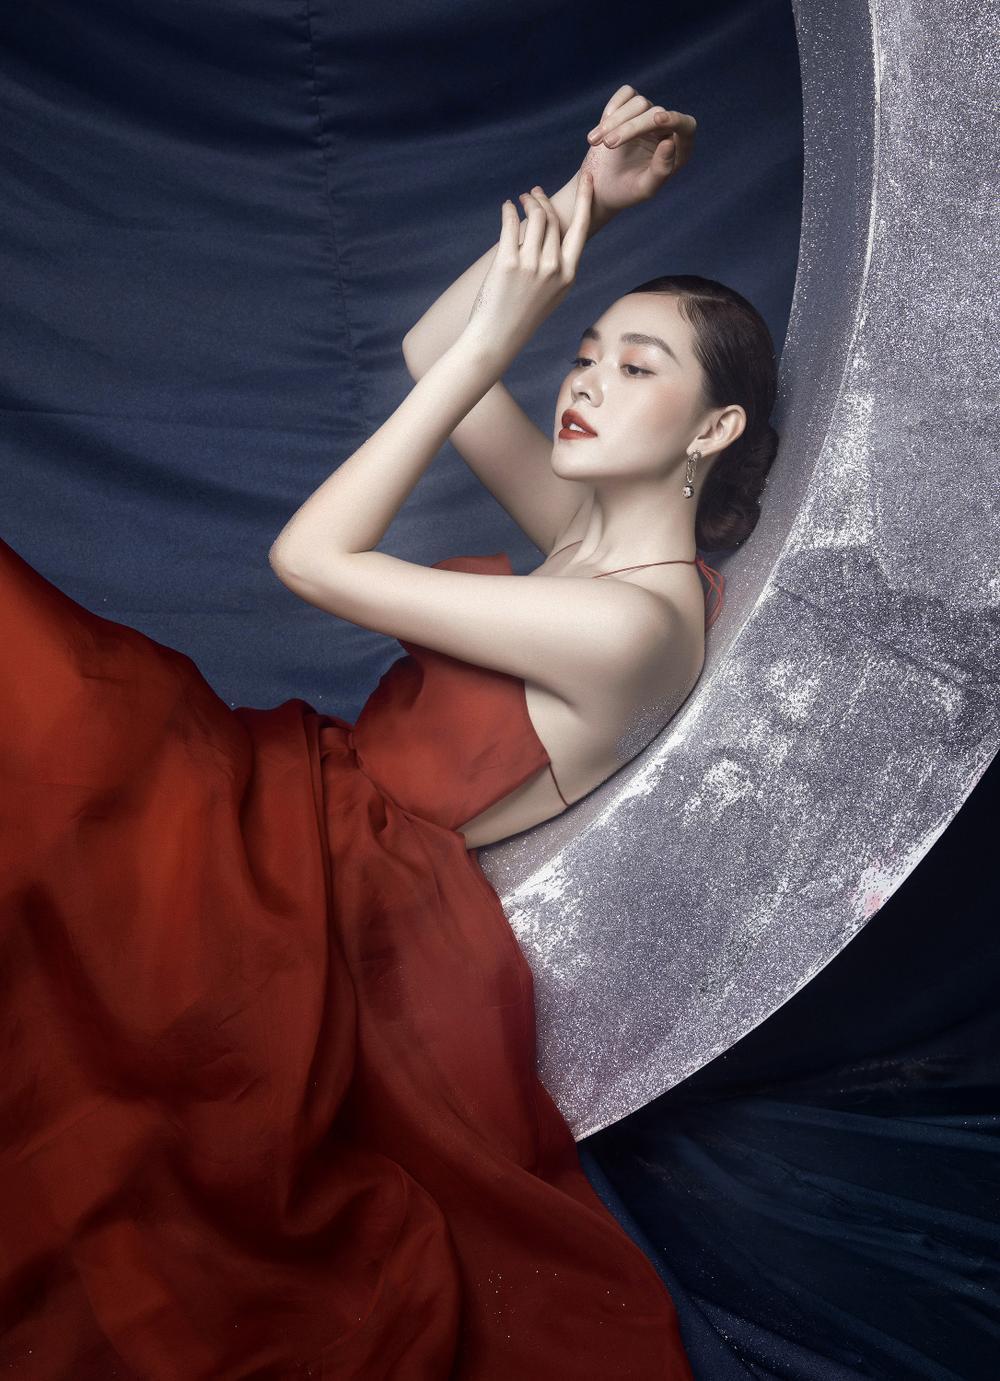 Á hậu Tường San hóa 'Hằng Nga', đẹp ma mị trong bộ ảnh mới dịp Trung thu Ảnh 8